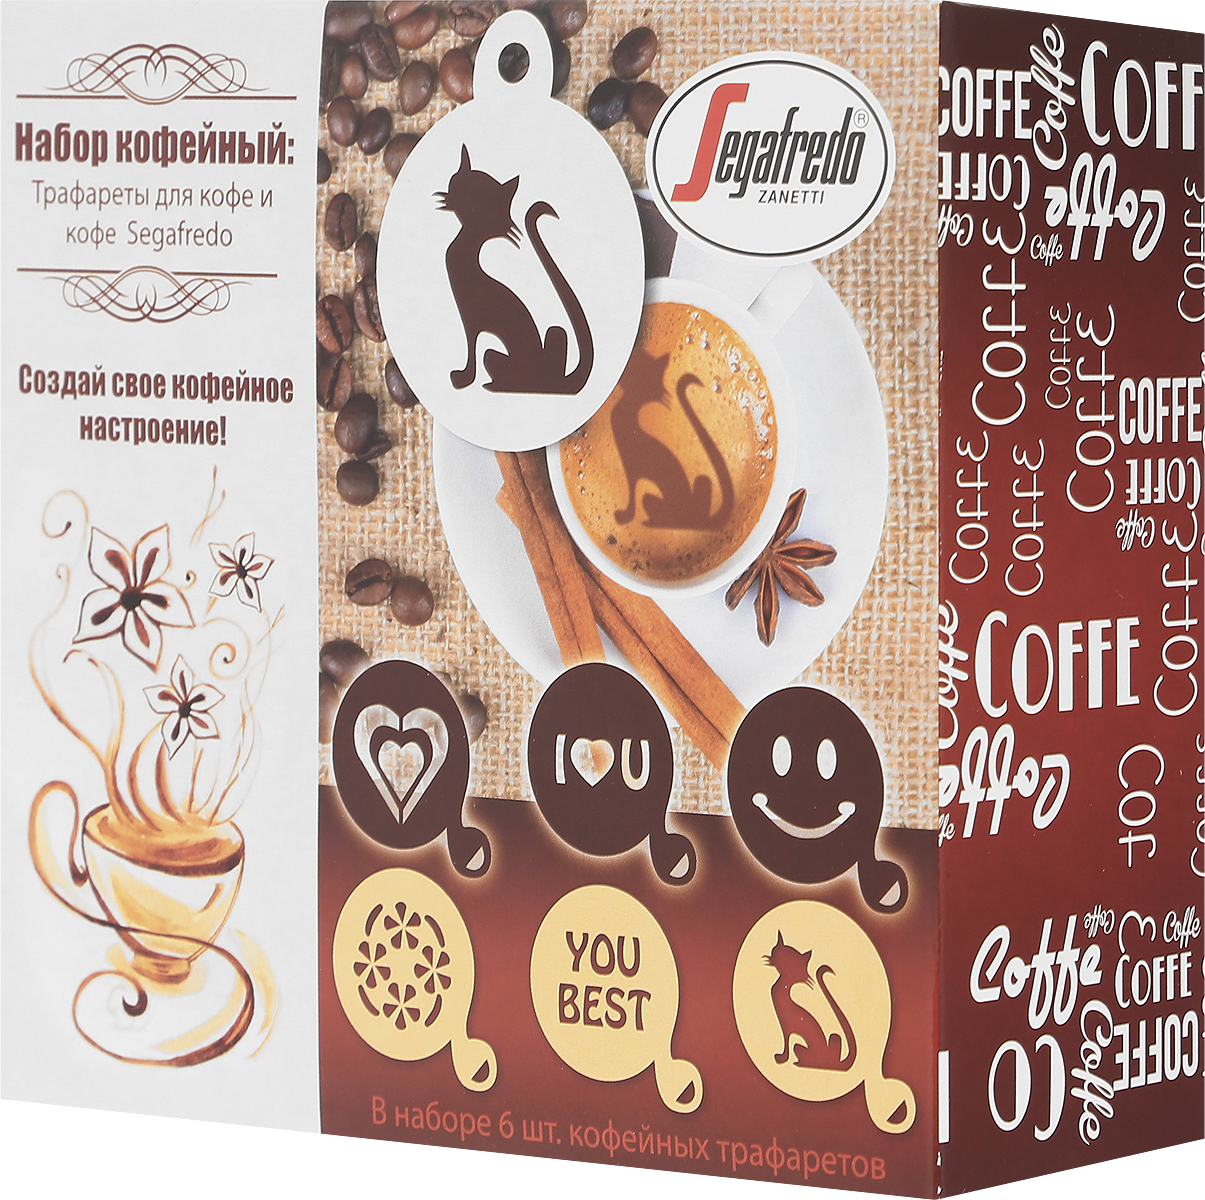 Segafredo Набор № 2 кофе молотый Buono, 100 г + трафареты для кофе, 6 штDGCaffeКофейный набор Segafredo - необычный набор, который сделает церемонию кофепития особенной и романтичной, ведь в состав набора, помимо кофе, входят 6 трафаретов для создания рисунков на кофейной пенке! Теперь вы получите не только заряд бодрости от тонизирующего напитка, но и хорошее настроение от созданного изображения на кофейной пенке!Такие трафареты можно использовать для выпечки, печенья и тортов, чтобы сделать из такого десерта картинку.Материал трафаретов: полипропилен. Страна-изготовитель: Китай. Диаметр трафарета без держателя - 85 мм, диаметр с держателем - 110 мм. Срок годности не ограничен.